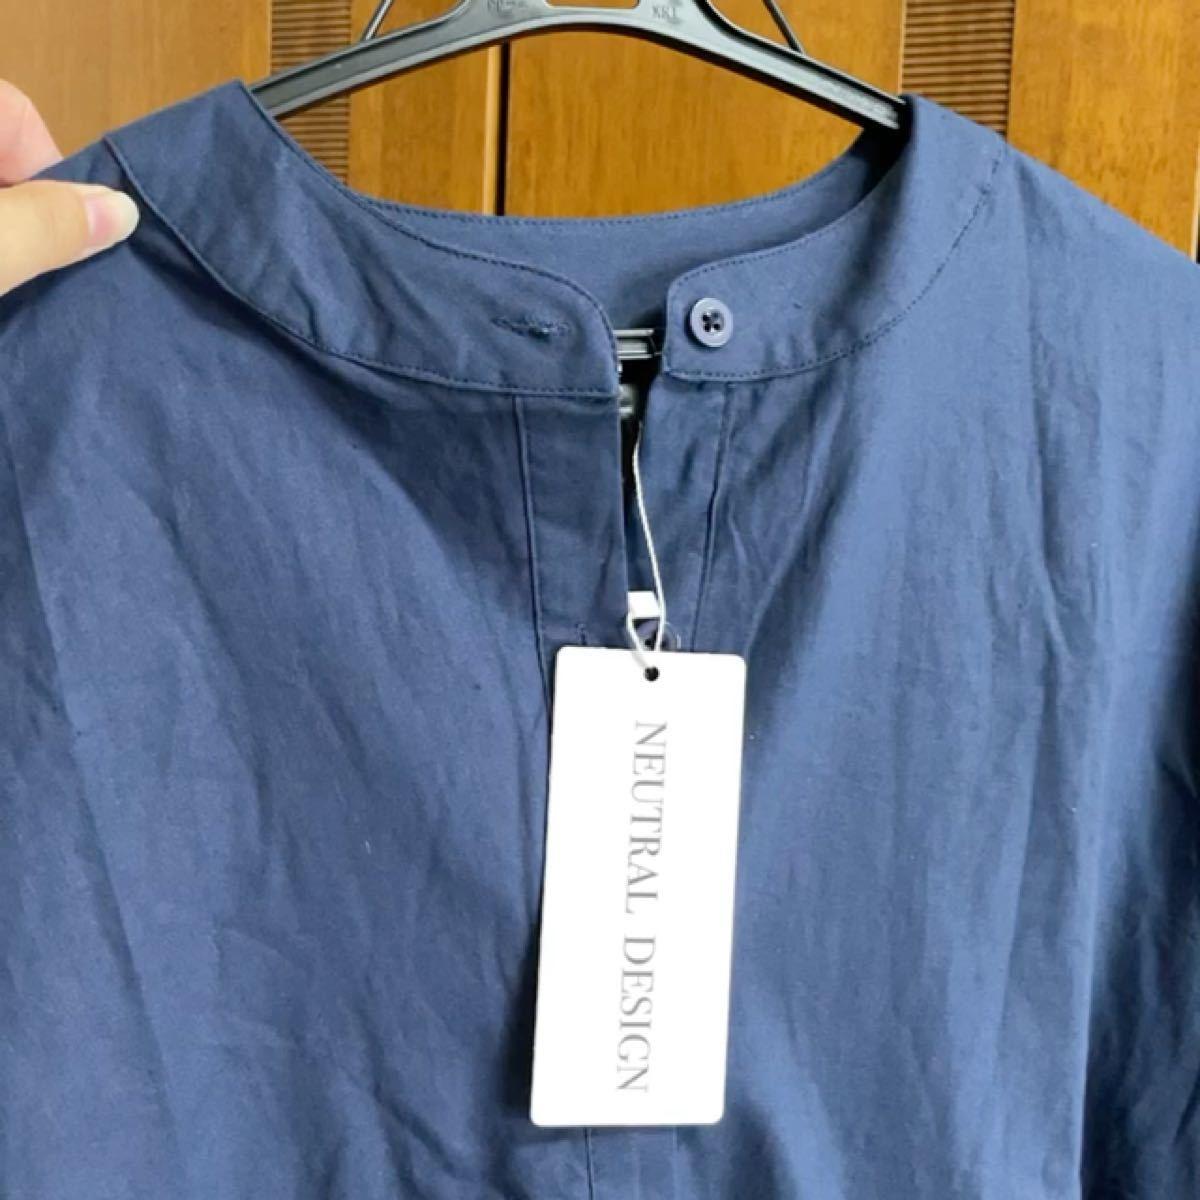 ワンピース レディース ロングワンピース ロングシャツ ゆったり カバー ブラウス きれいめ 上品